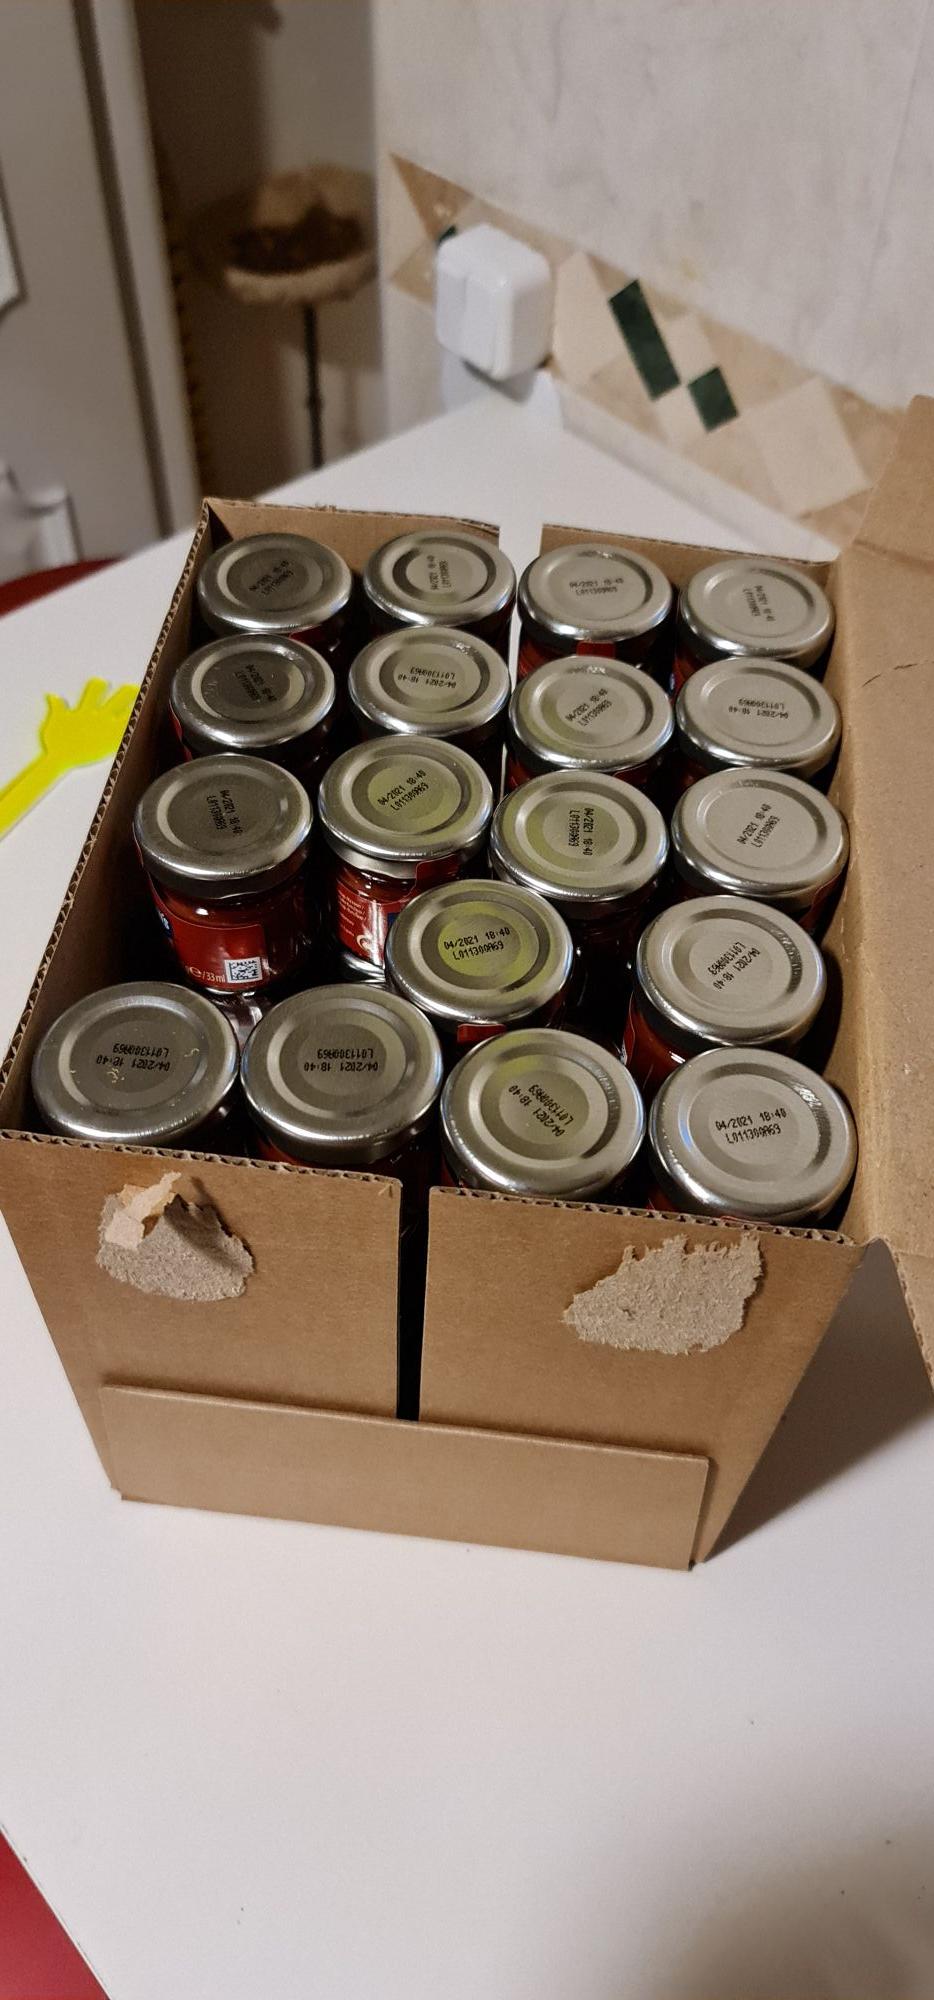 80 botes de ketchup hellmann's